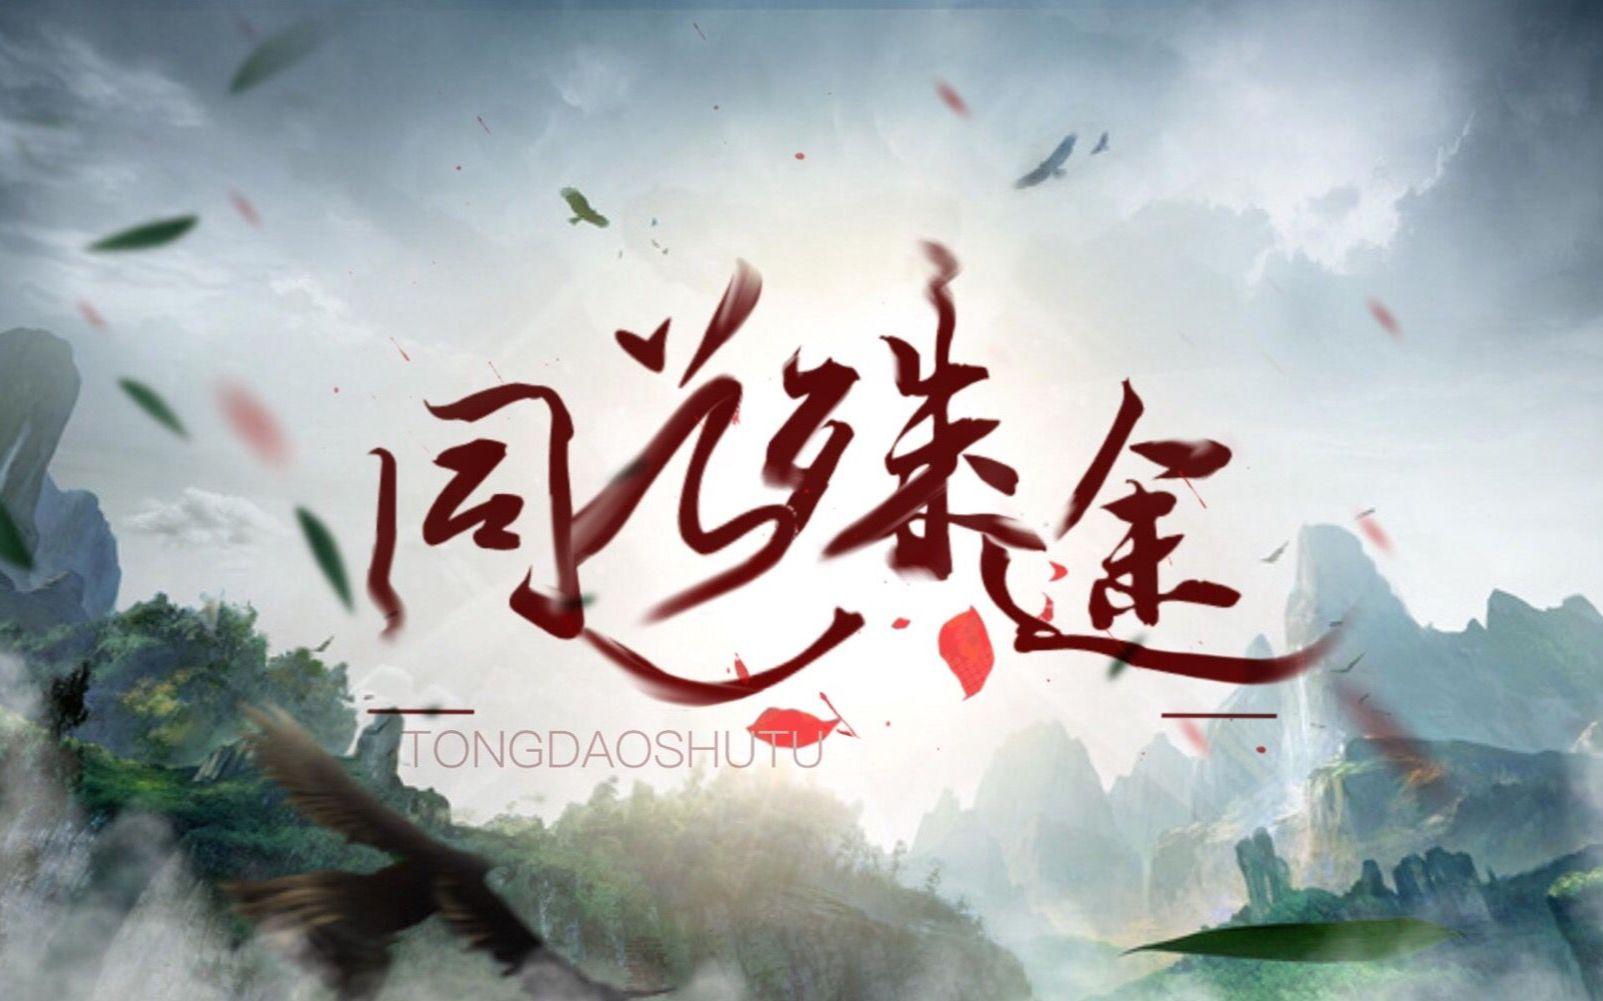 【魔道祖师群像】同道殊途【剧情版】豪华翻策图片